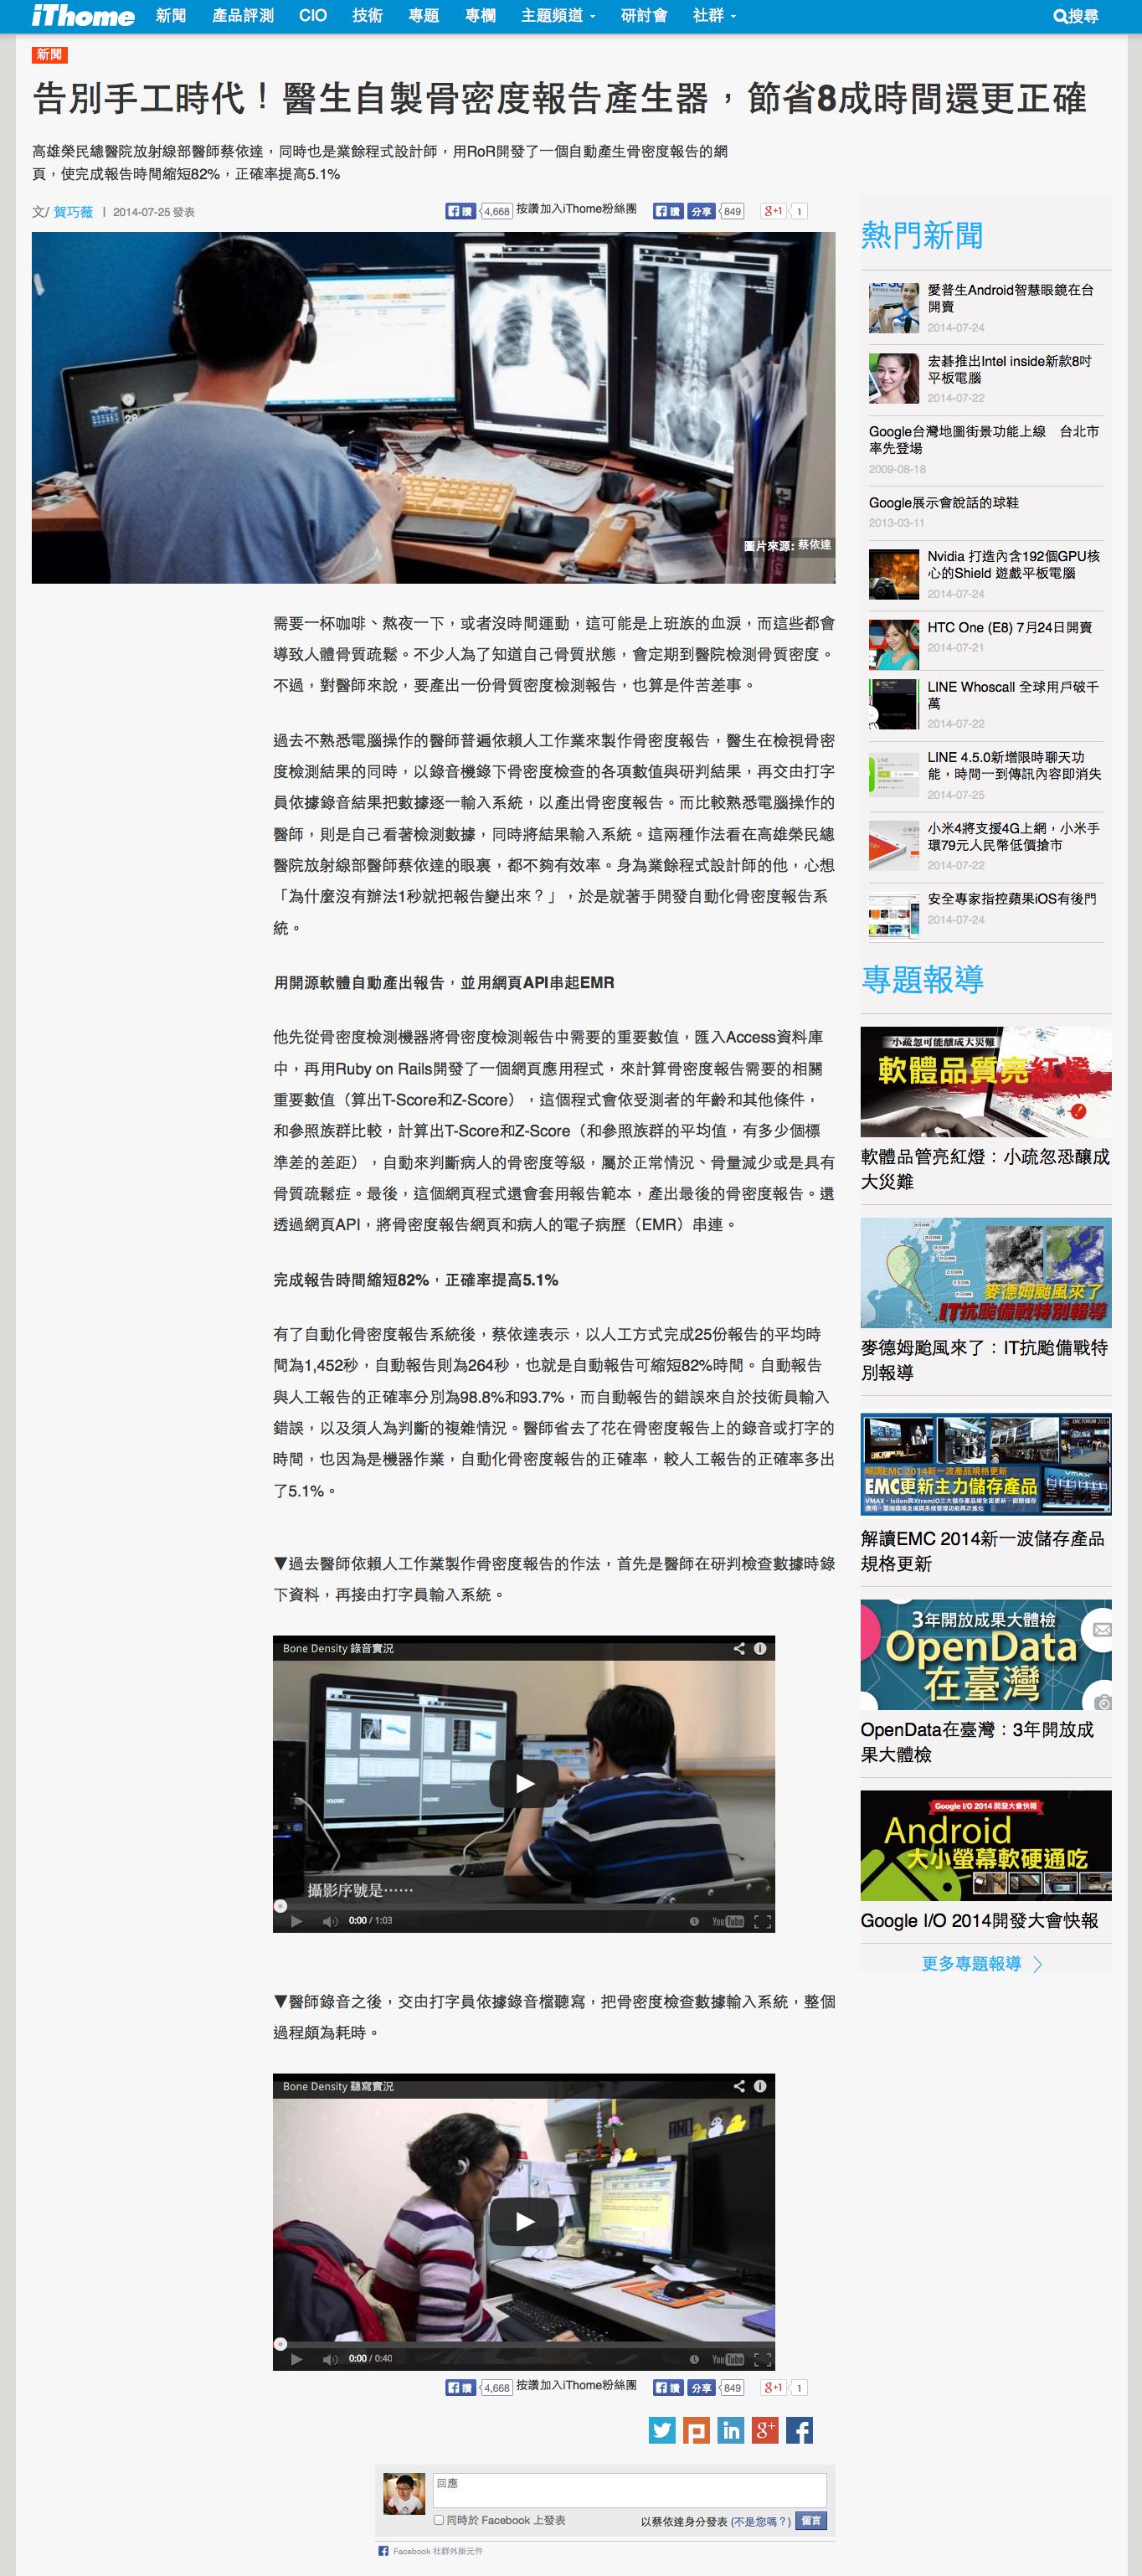 上新聞-iThome-cropped